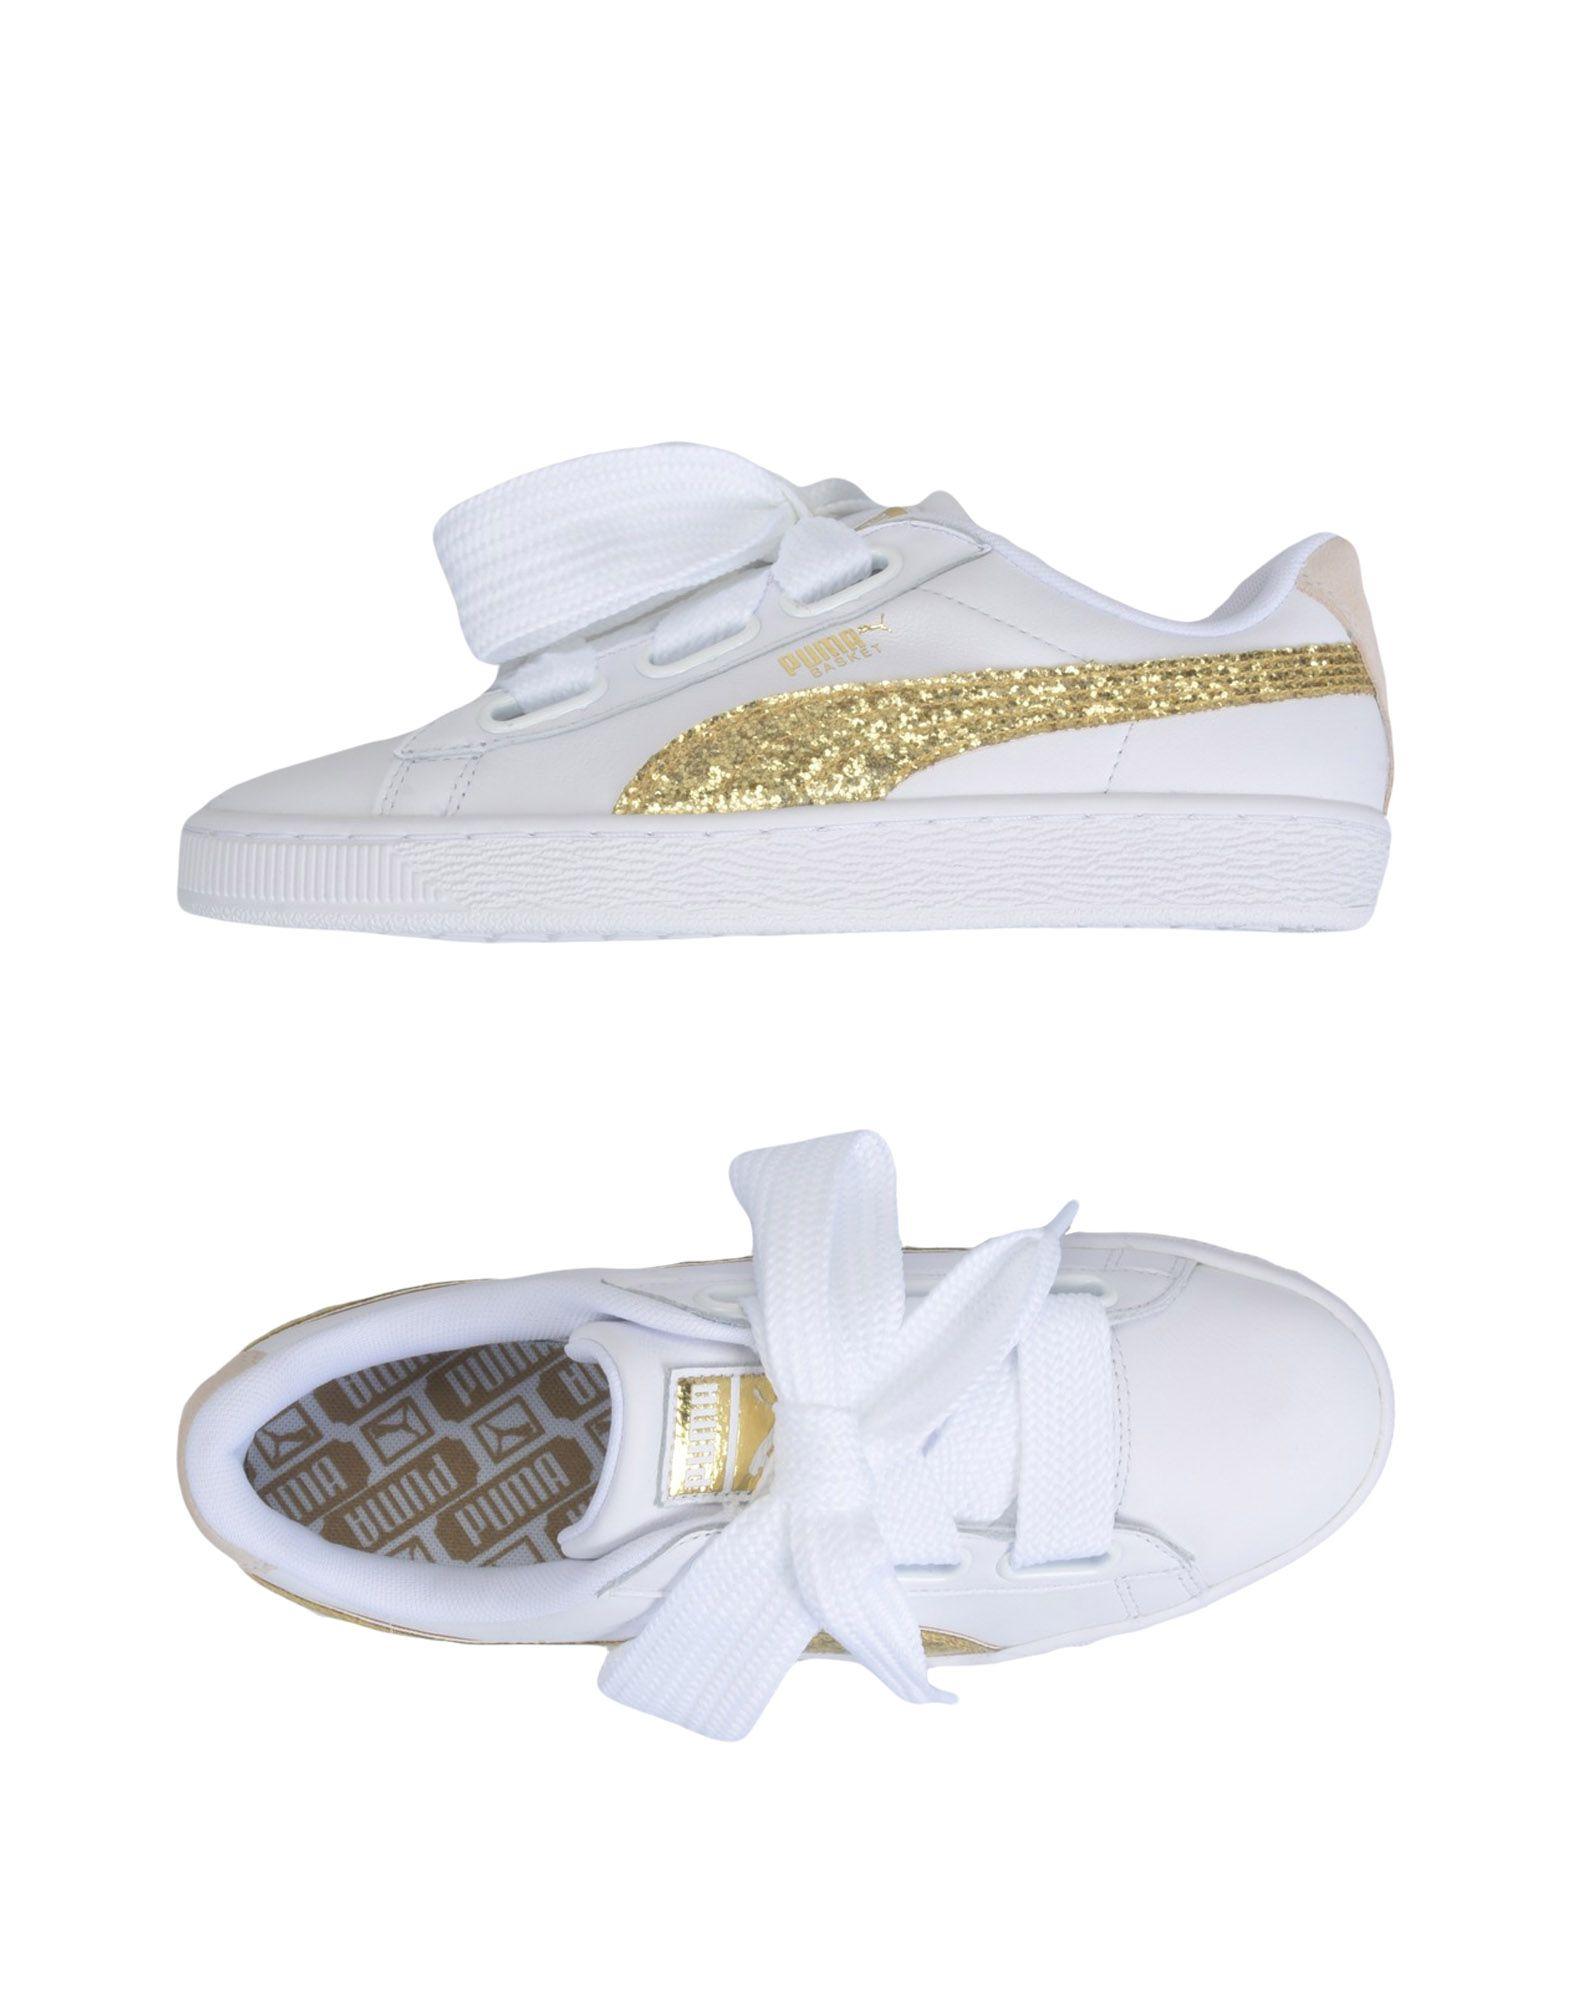 Sneakers Puma Basket Heart Glitter Wns - Femme - Sneakers Puma sur